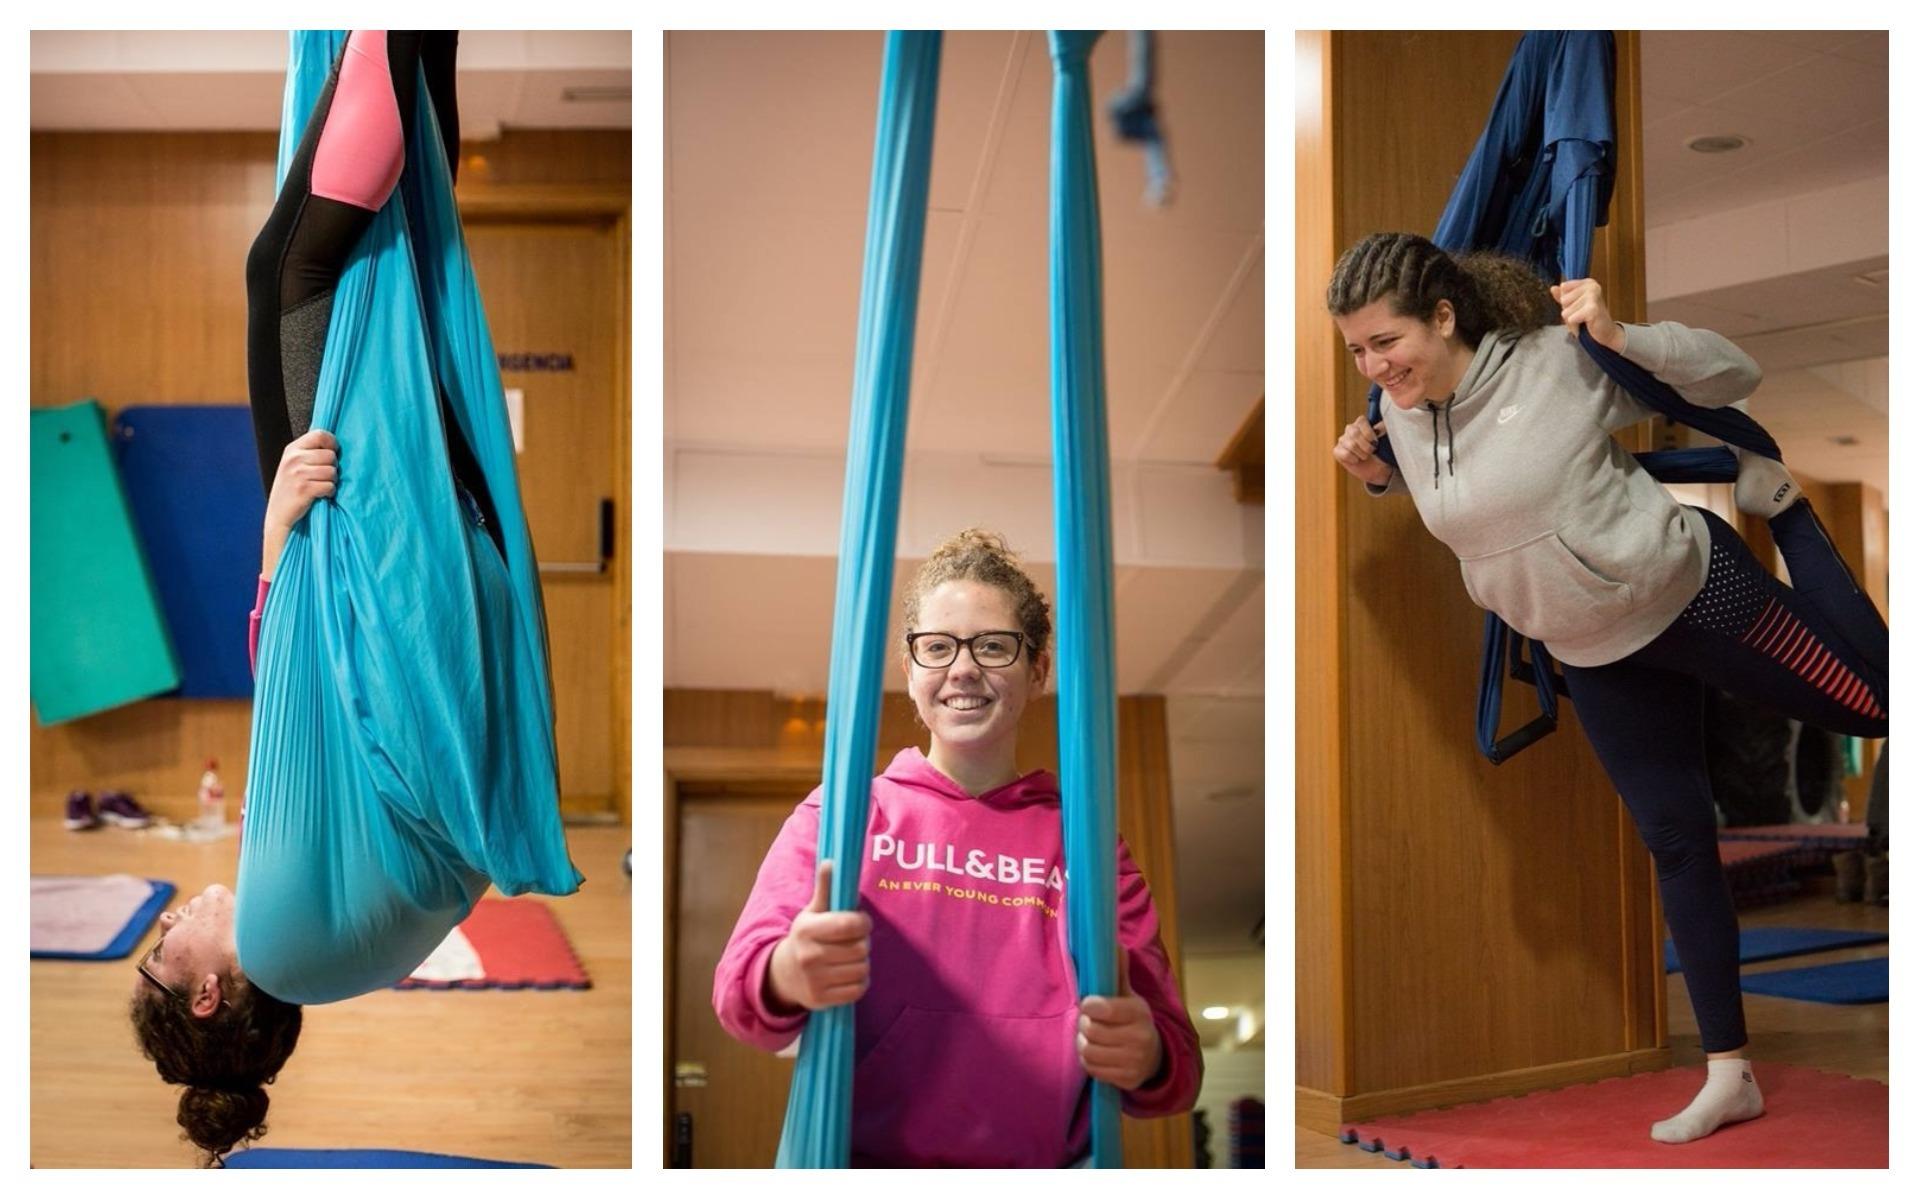 yoga aereo gym cordoba top health (1)